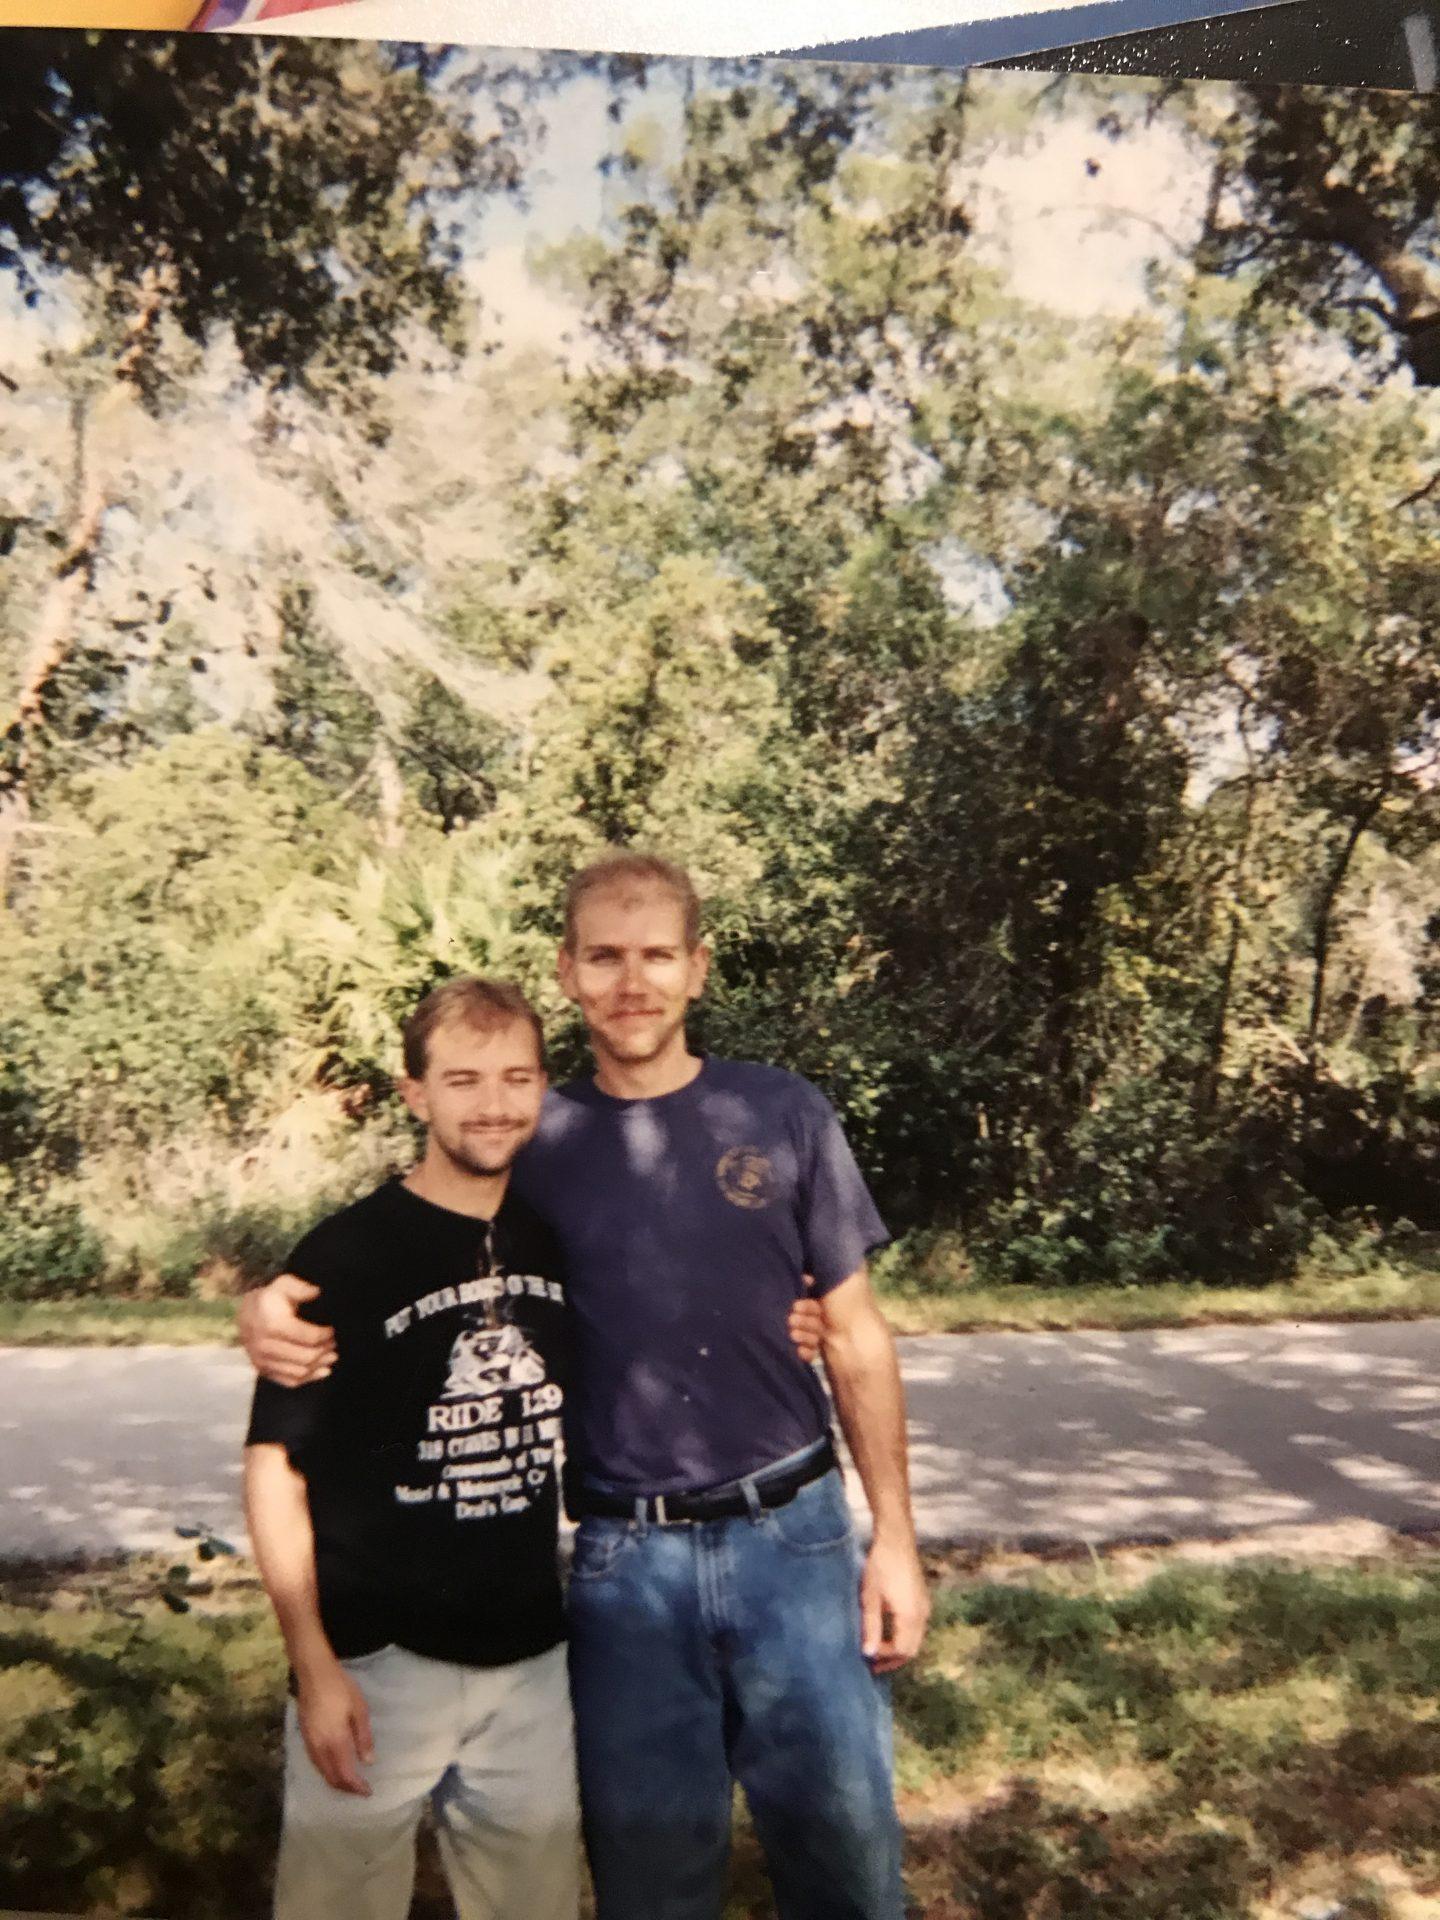 Randy and David, many years ago.